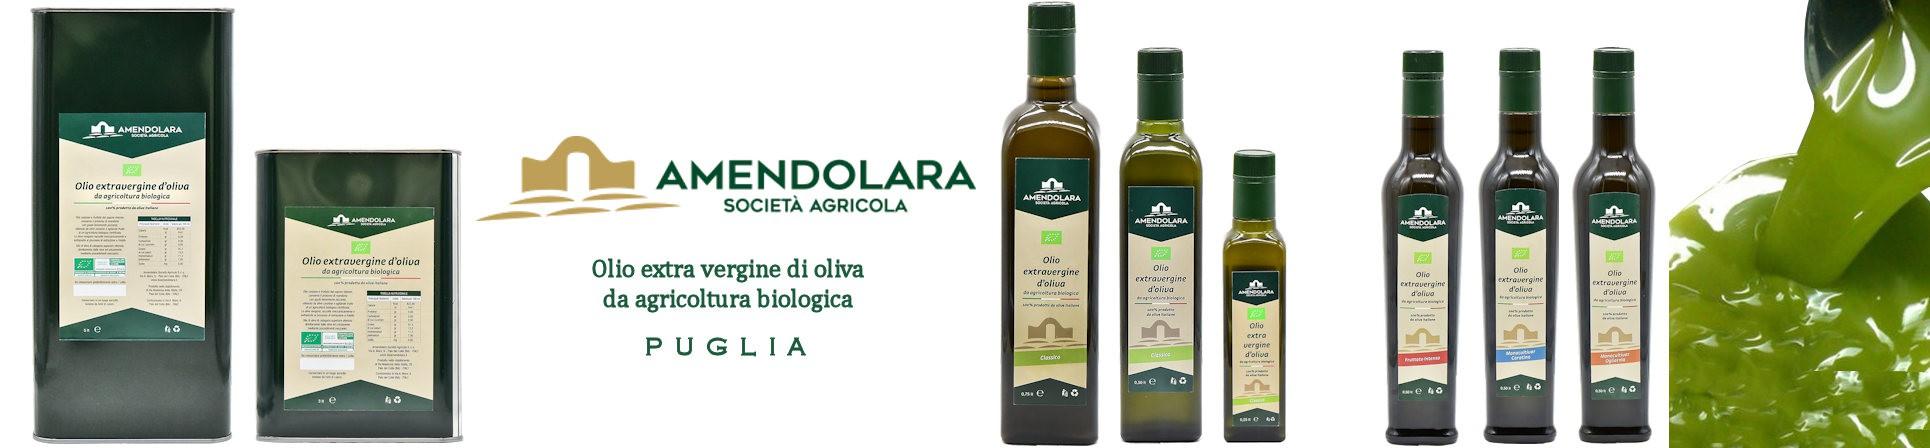 vendita online olio extra vergine d'oliva pugliese - AMENDOLARA BIO